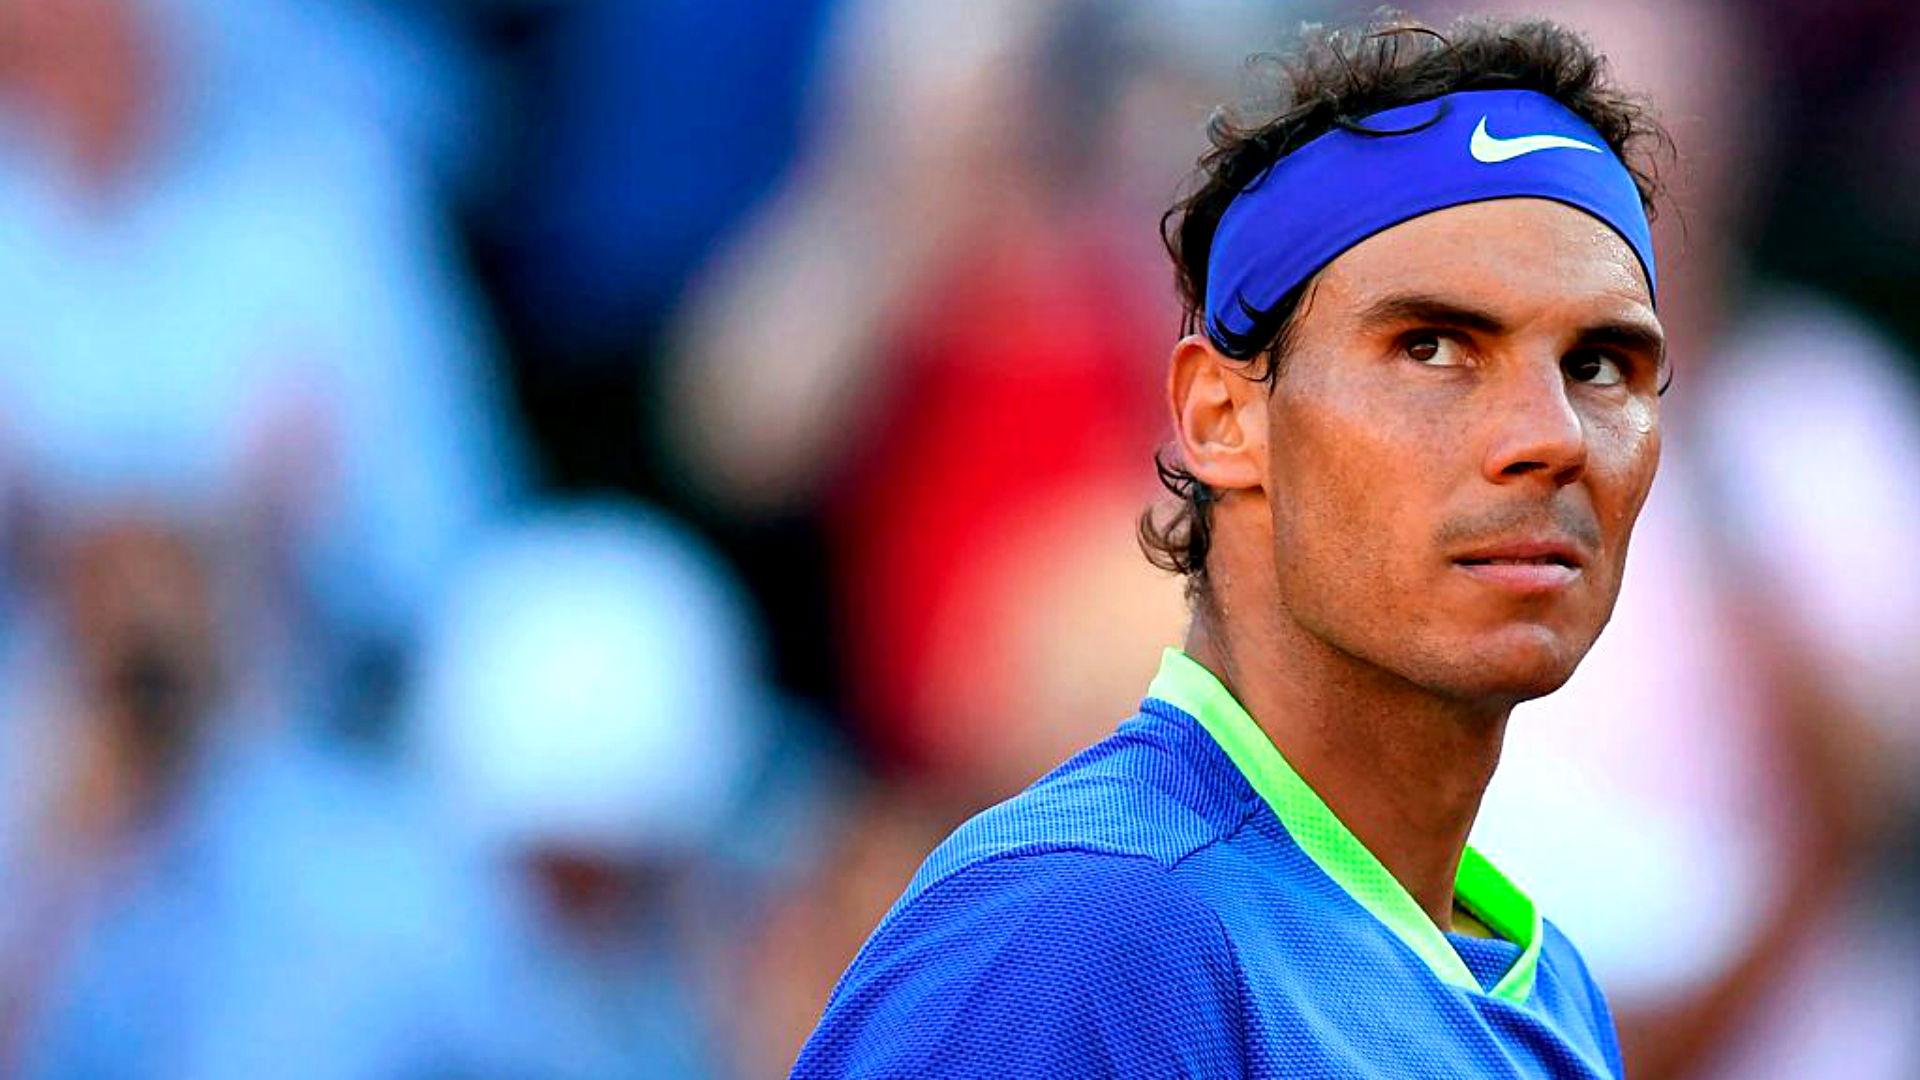 Us Open Nadal Schedule - image 7